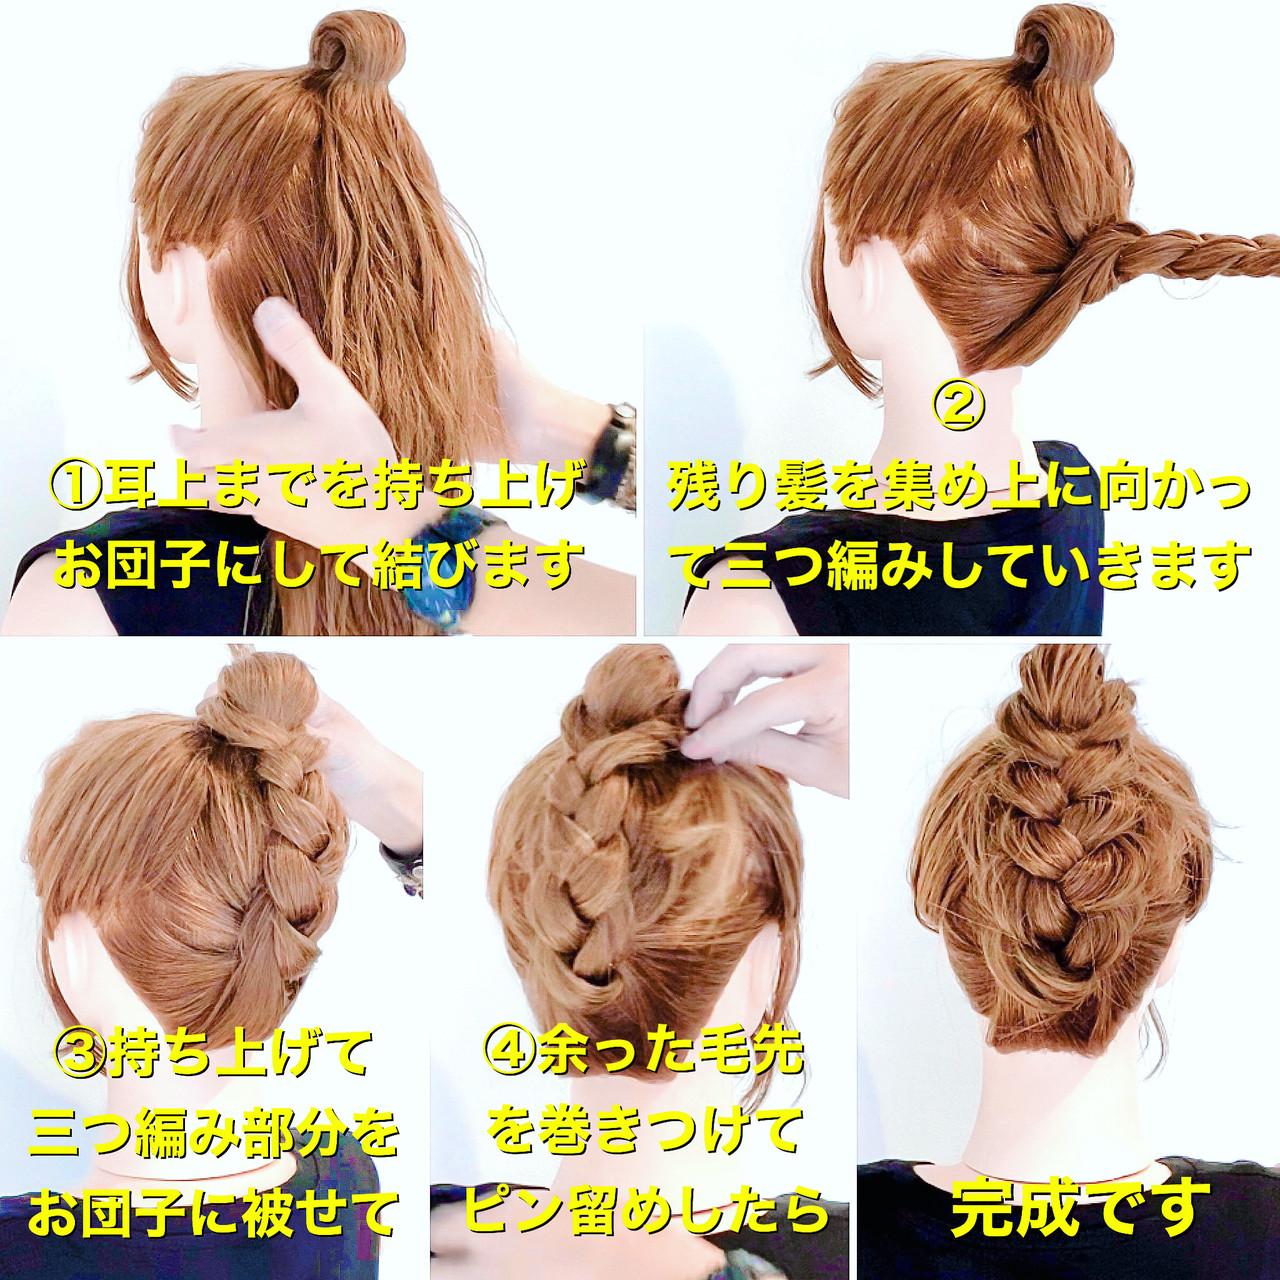 お団子ヘア アップスタイル 三つ編み エレガント ヘアスタイルや髪型の写真・画像 | 美容師HIRO/Amoute代表 / Amoute/アムティ